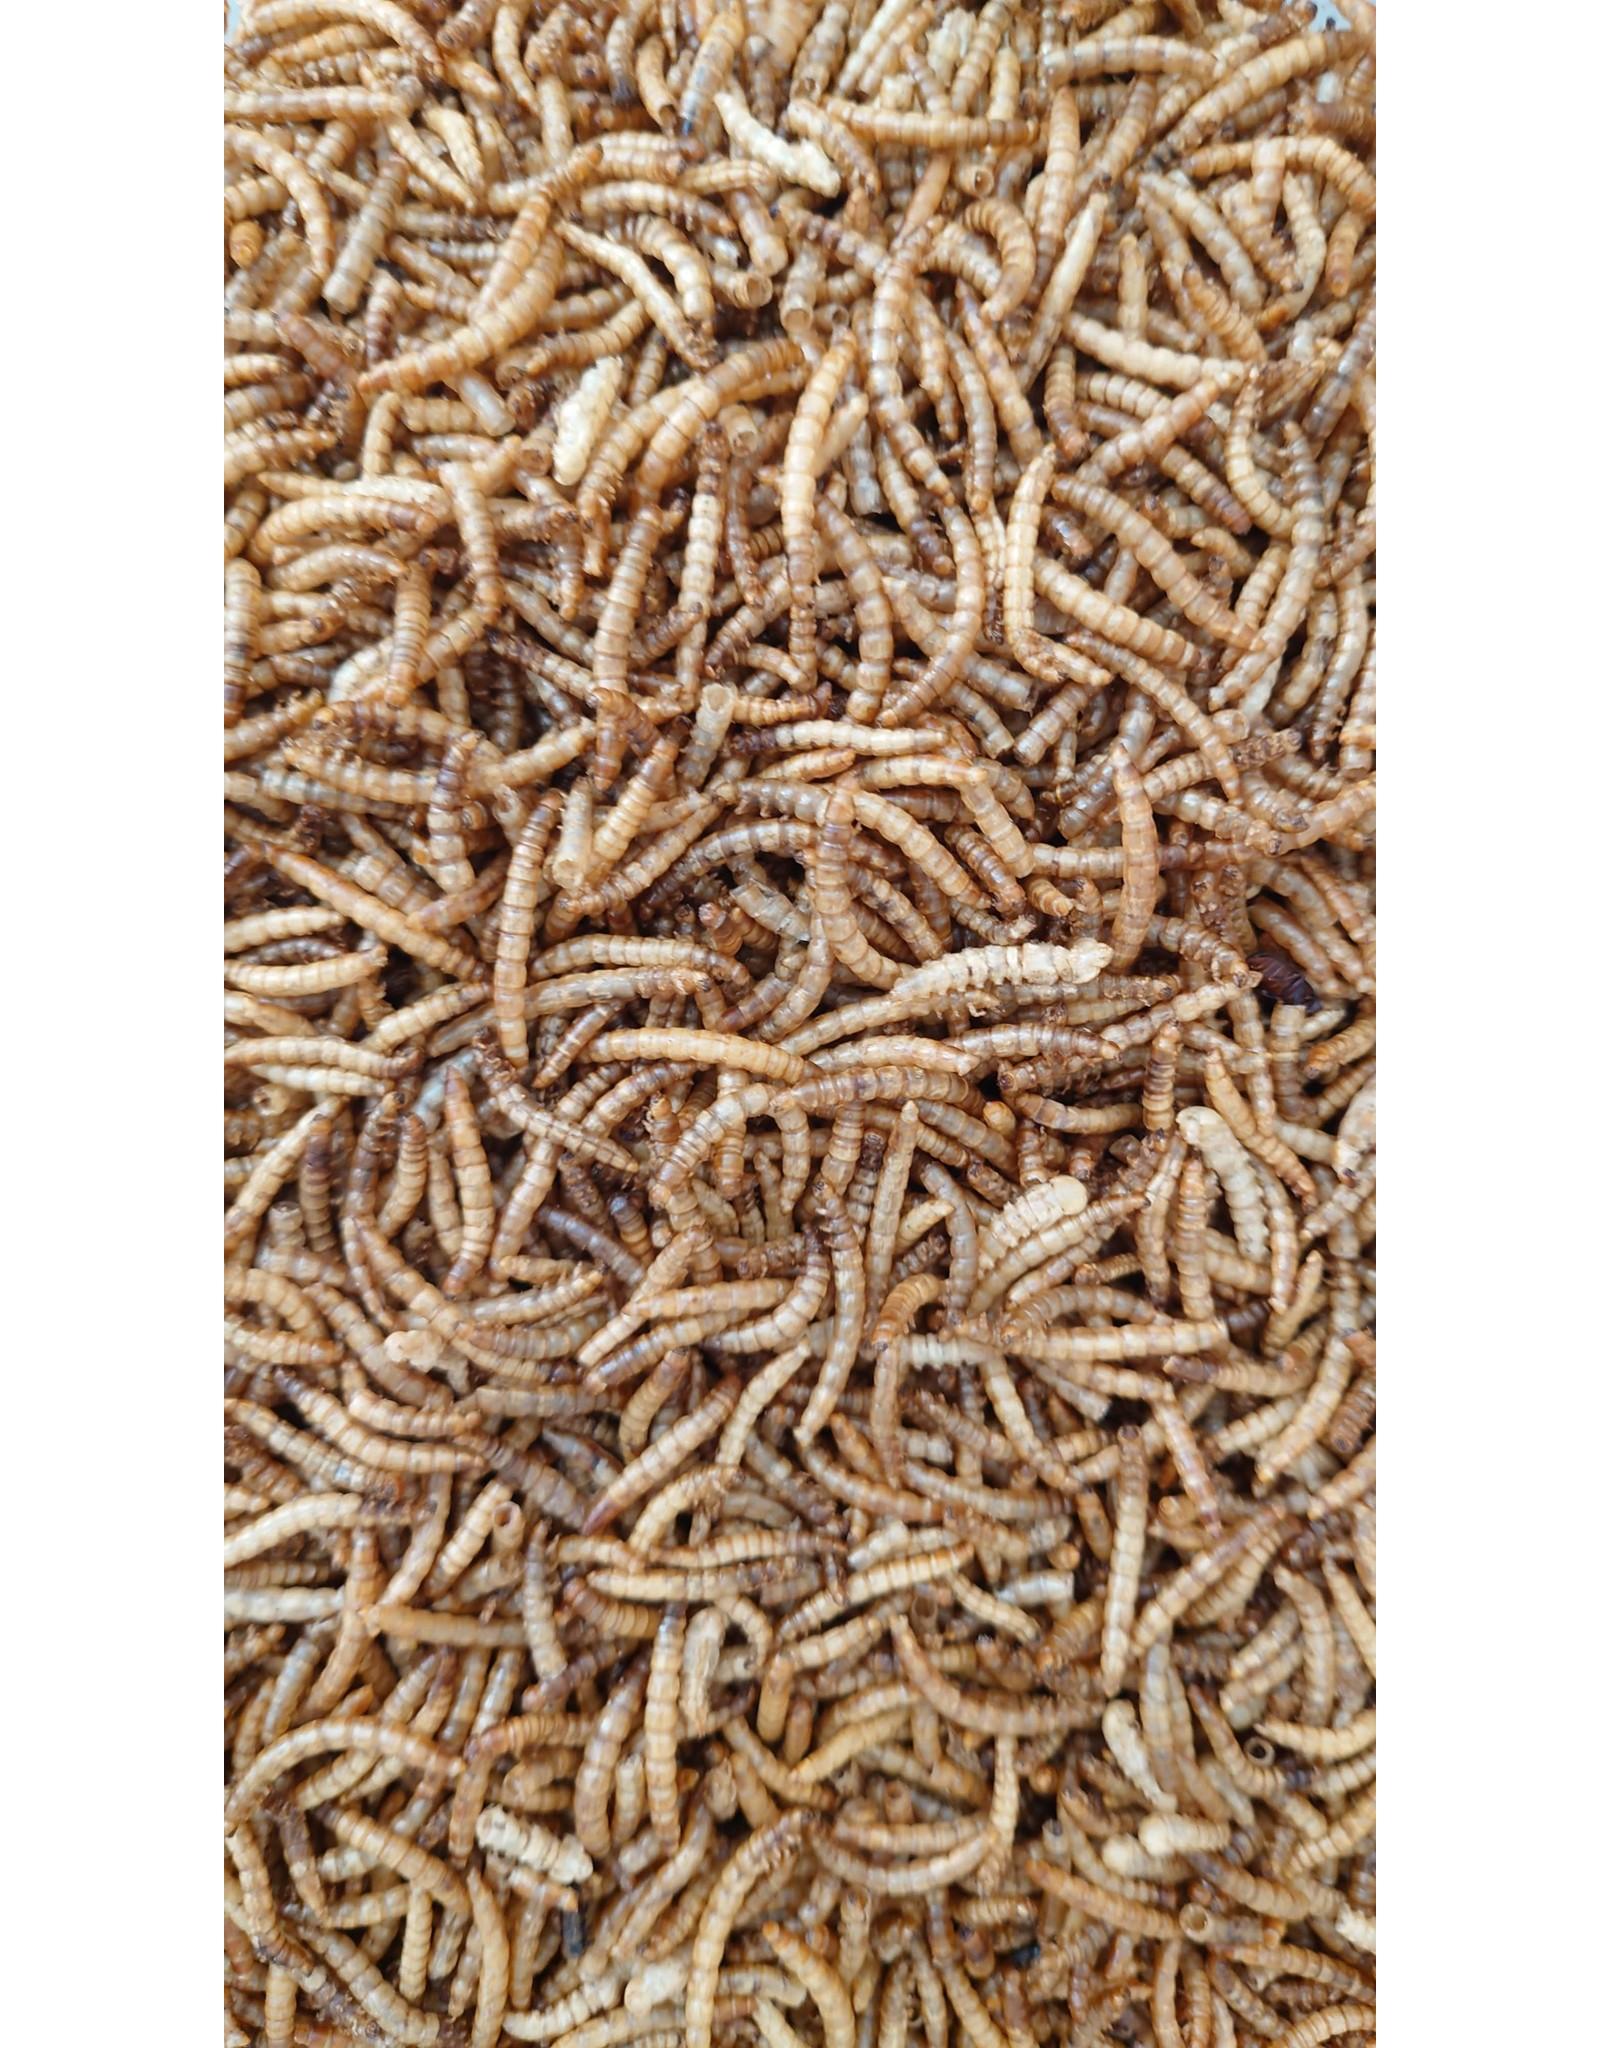 Eigen merk Meelwormen Gedroogd - 2,5 Liter